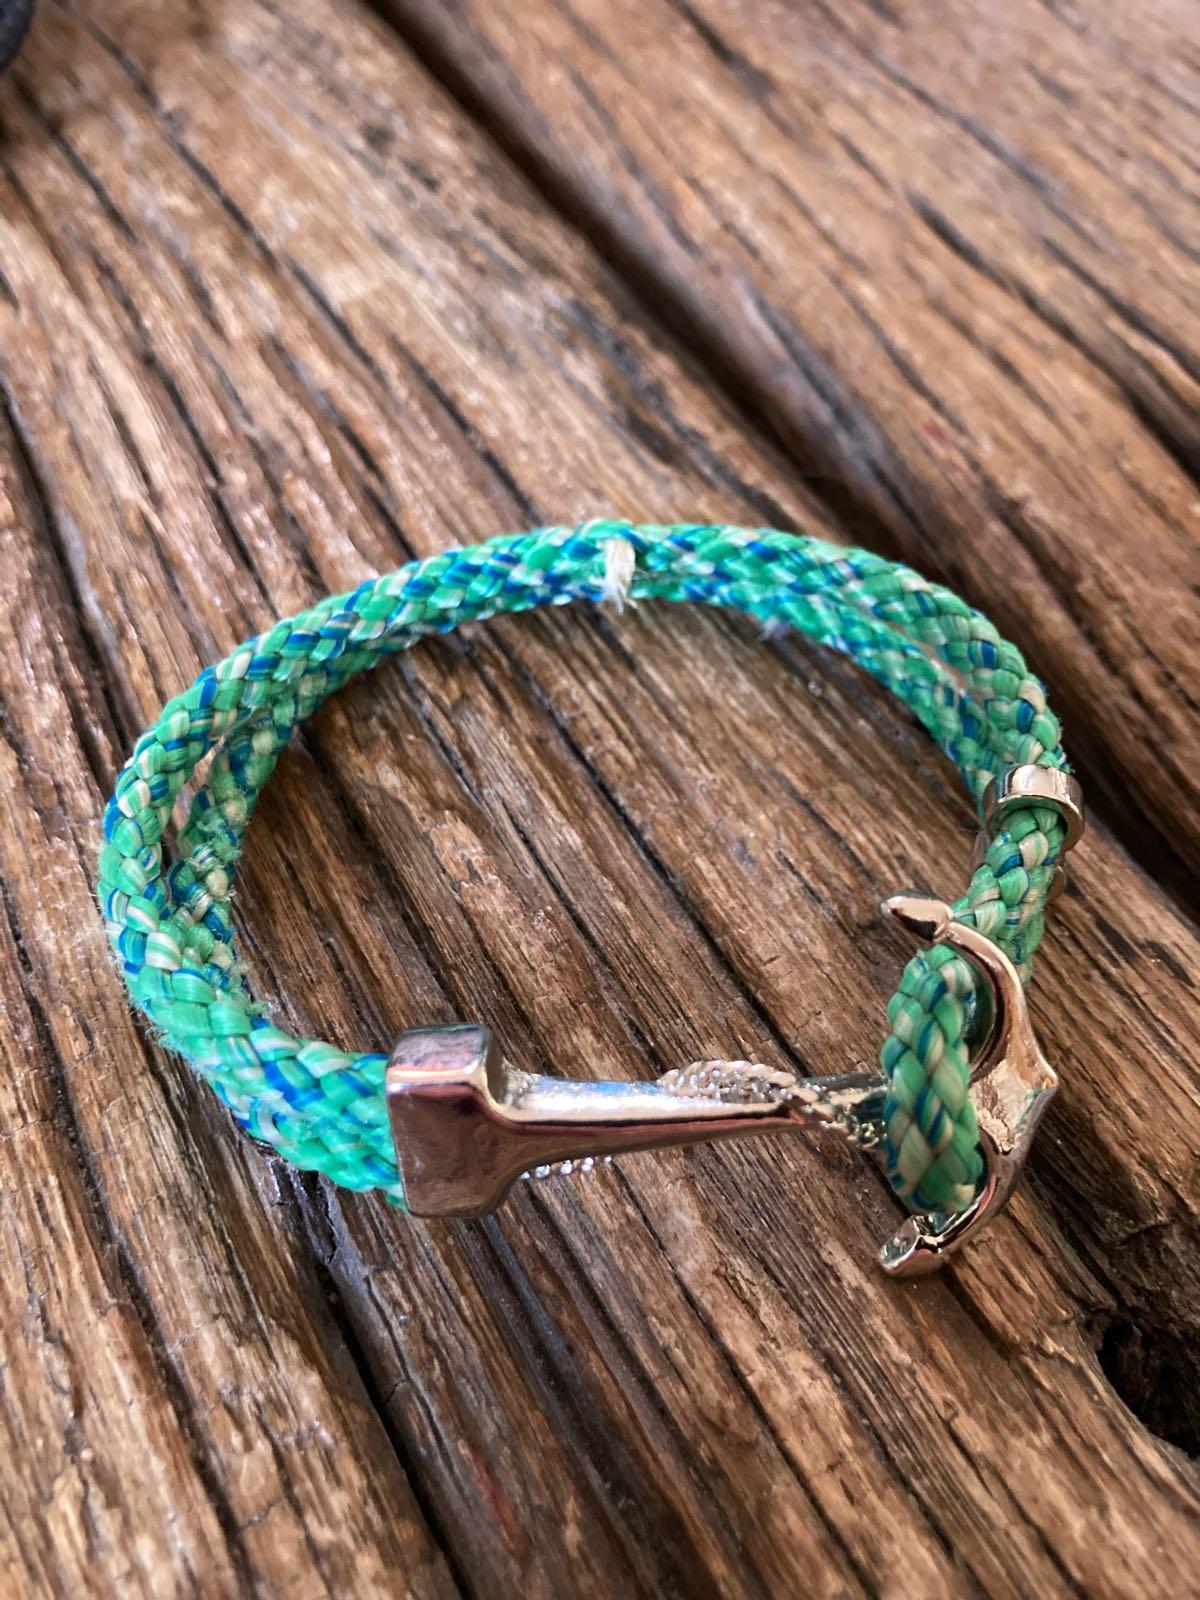 Fischereidesign - Ankerarmband, Stellnetzleine grün-blau, Silber